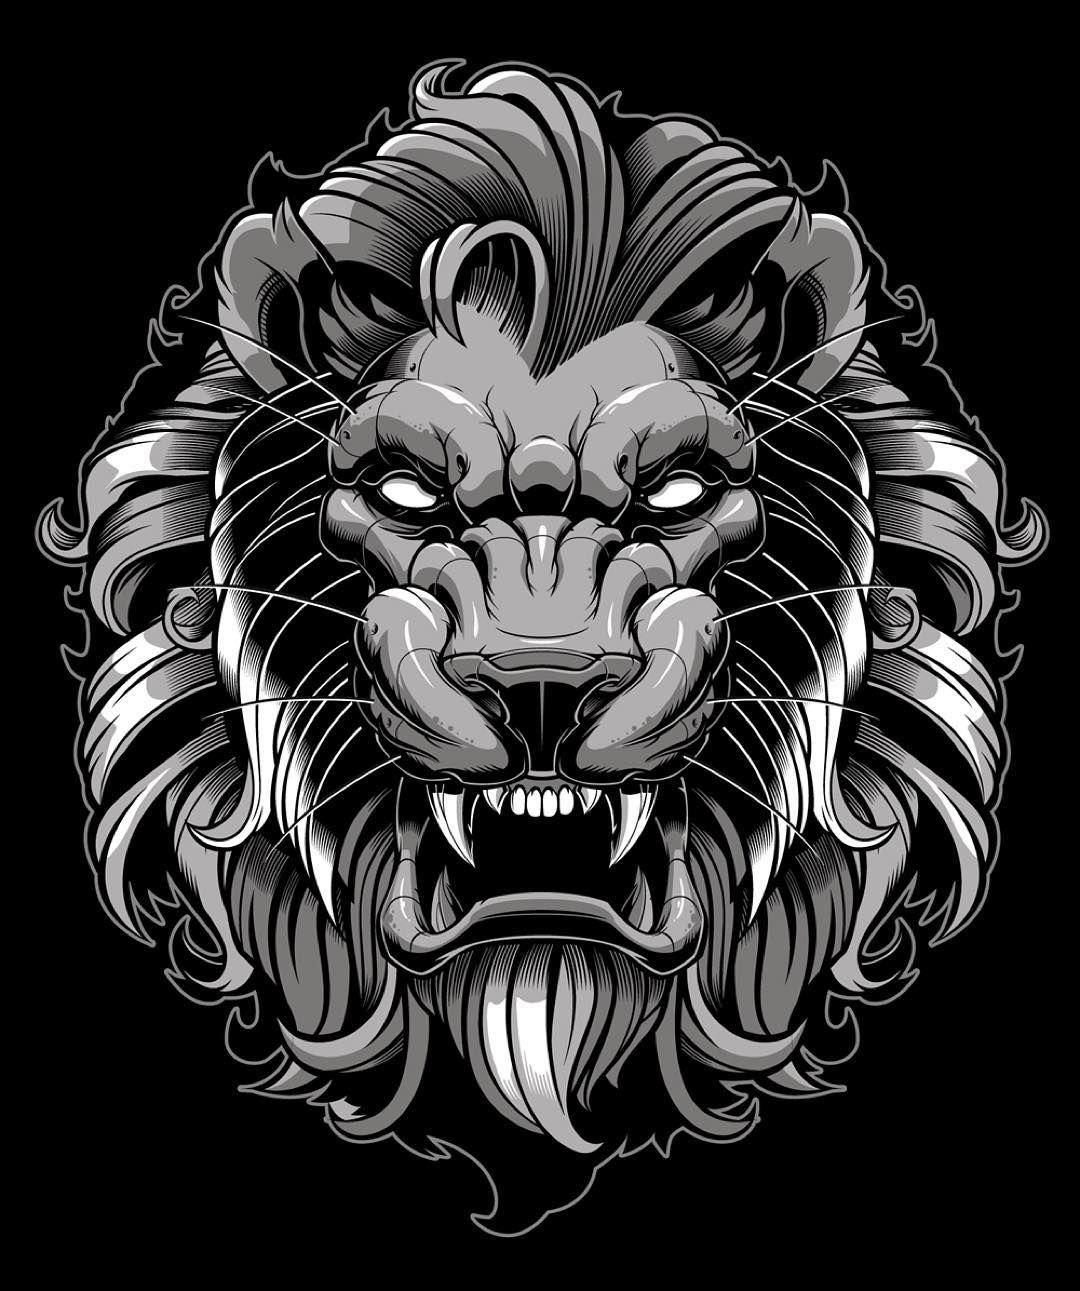 реально тату голова льва картинки они никогда